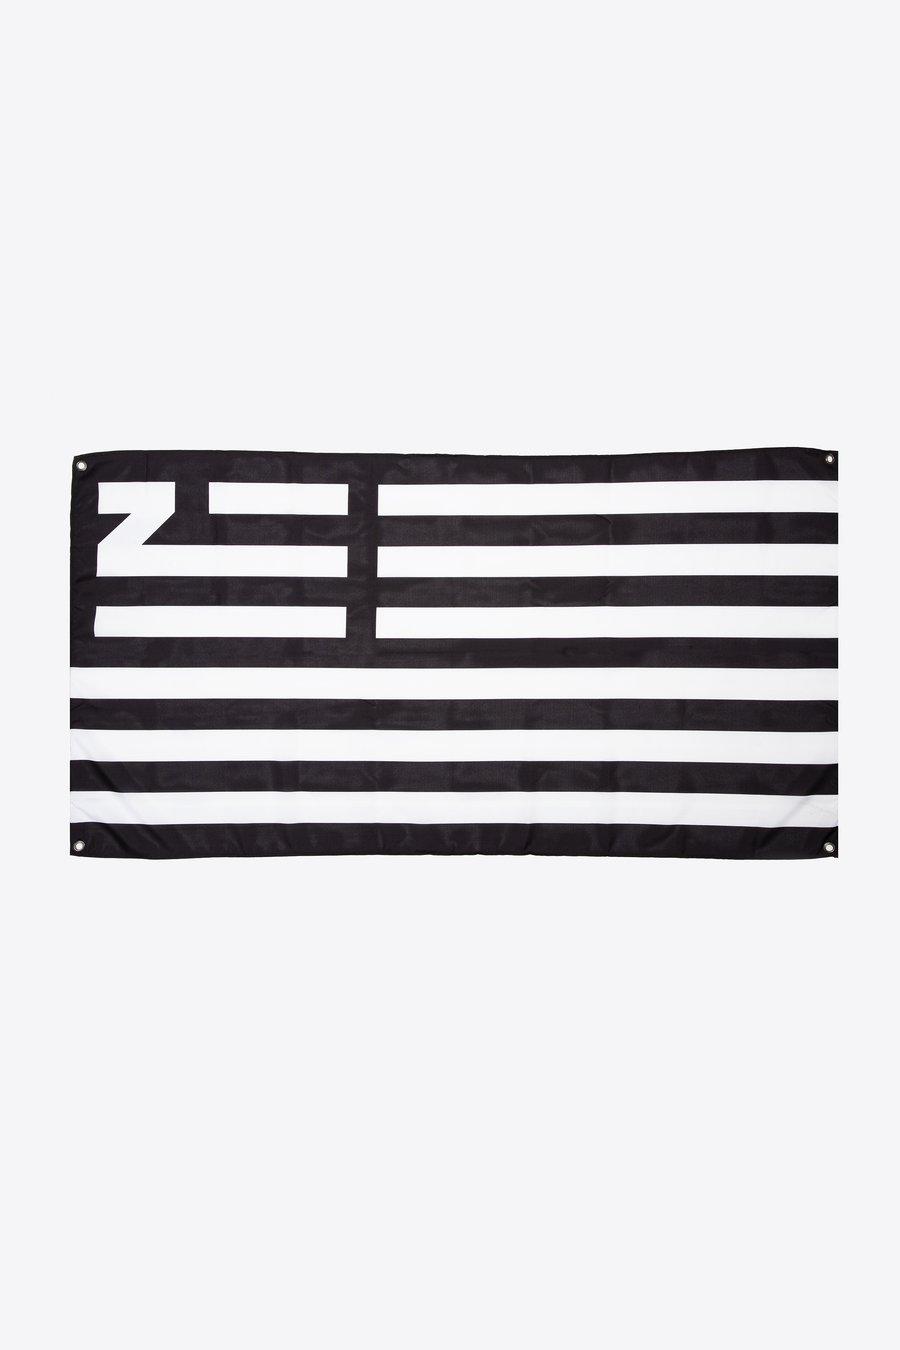 FLAG_900x